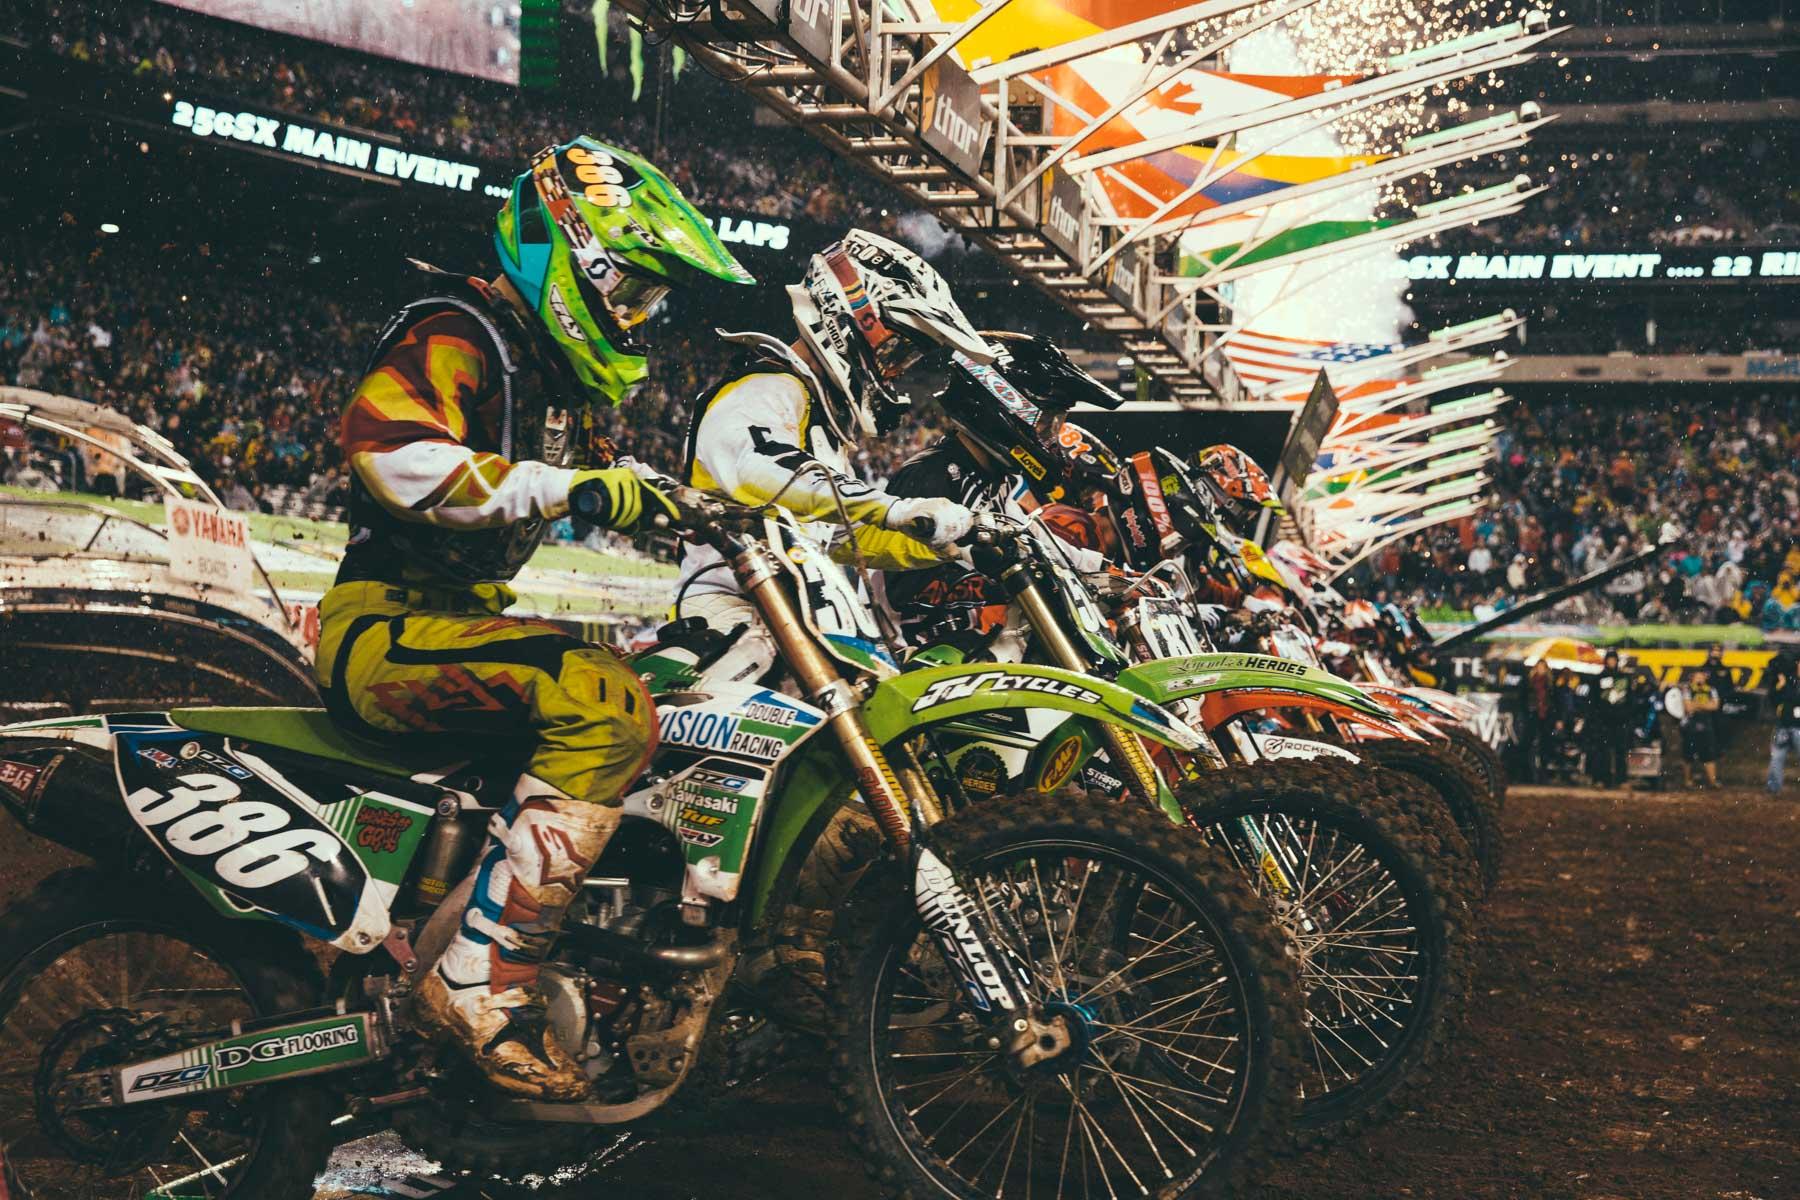 20140426-supercross-1118.jpg